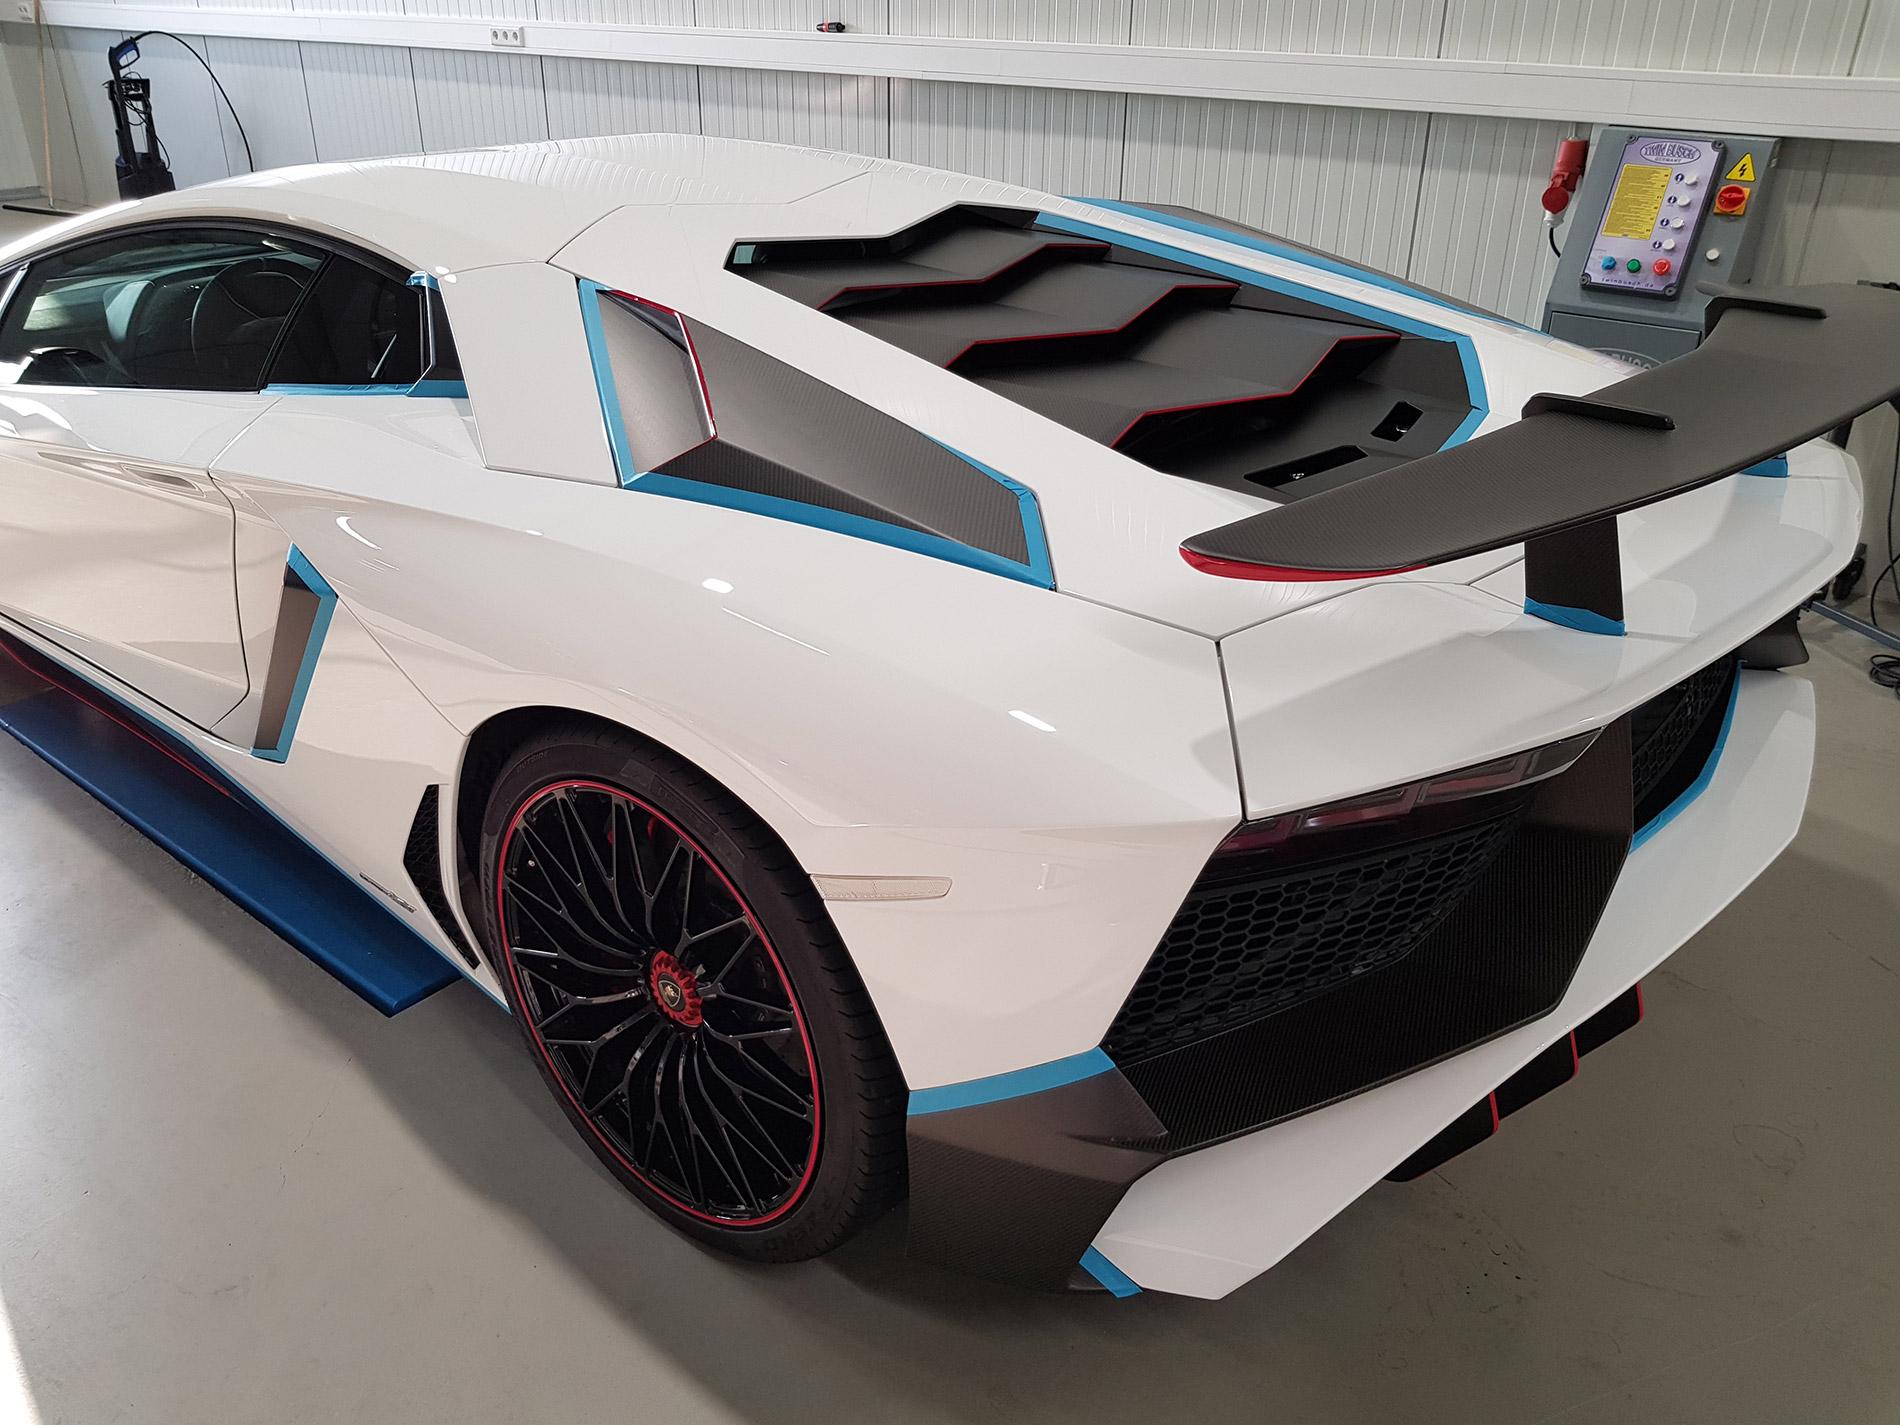 Lamborghini Aventador SV 8